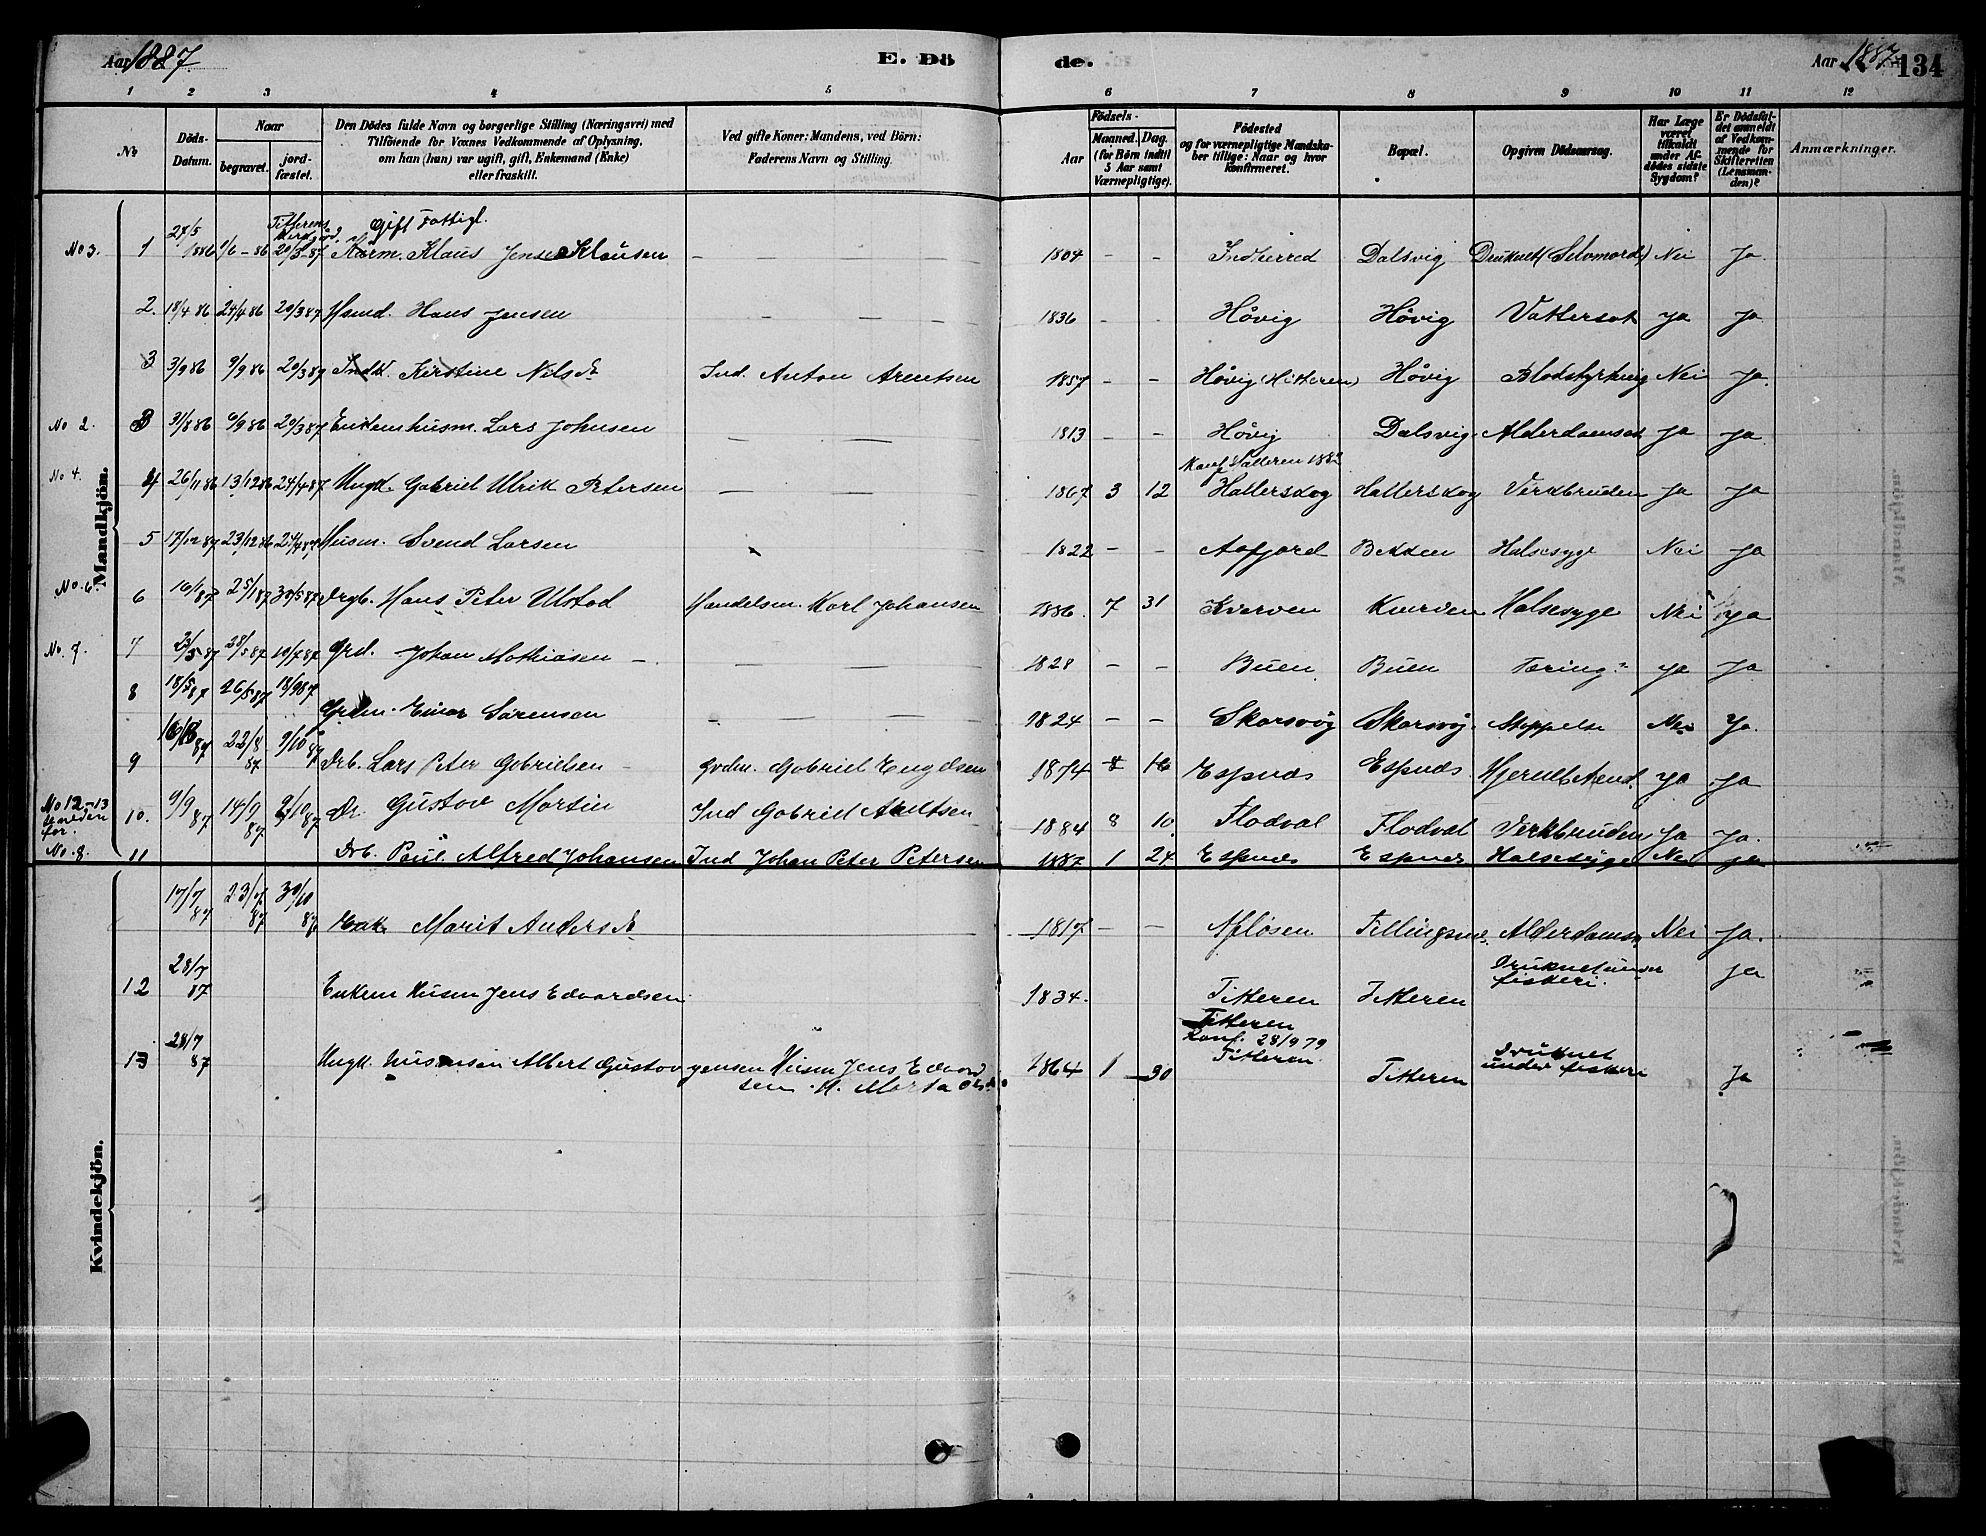 SAT, Ministerialprotokoller, klokkerbøker og fødselsregistre - Sør-Trøndelag, 641/L0597: Klokkerbok nr. 641C01, 1878-1893, s. 134